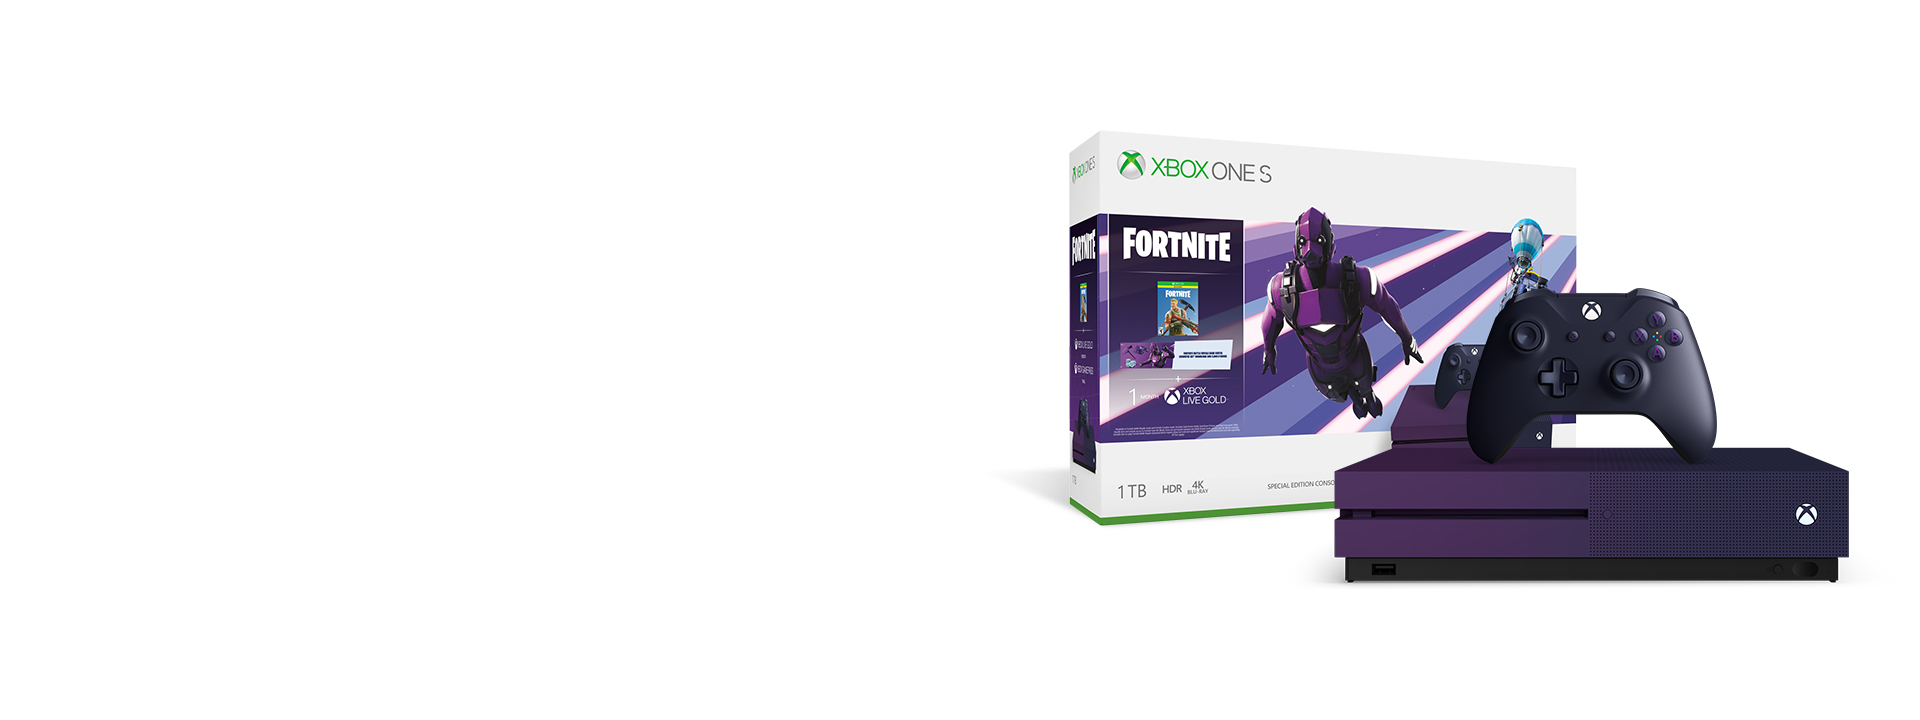 Économisez 80 $ sur l'ensemble Xbox One S Fortnite Battle Royale édition spéciale, seulement 299 $